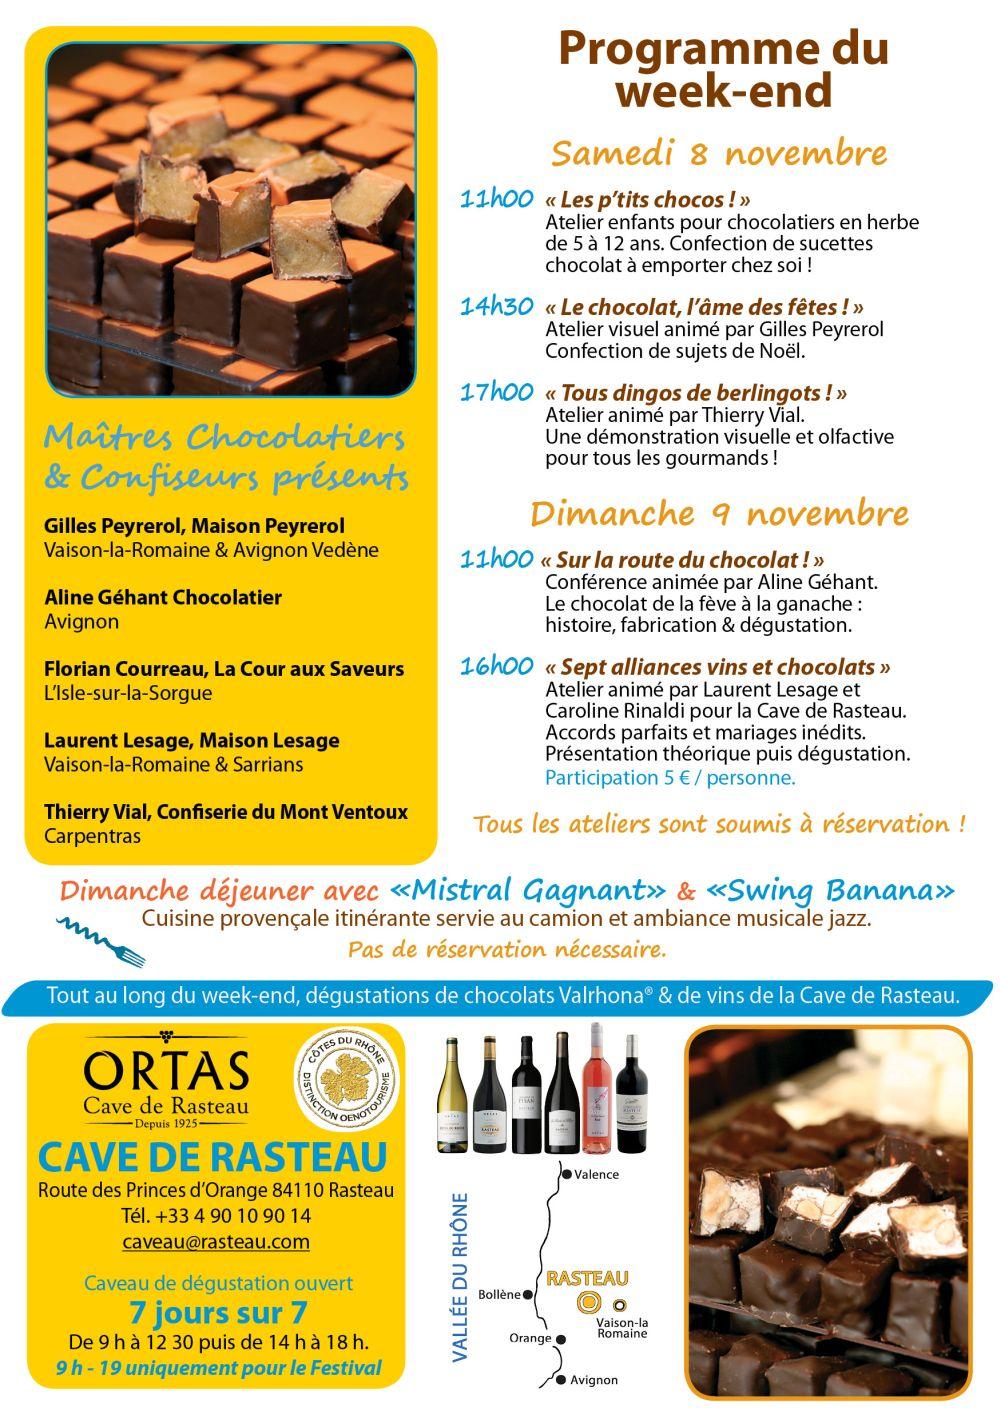 Le Festival Vins et Chocolat de la cave de Rasteau